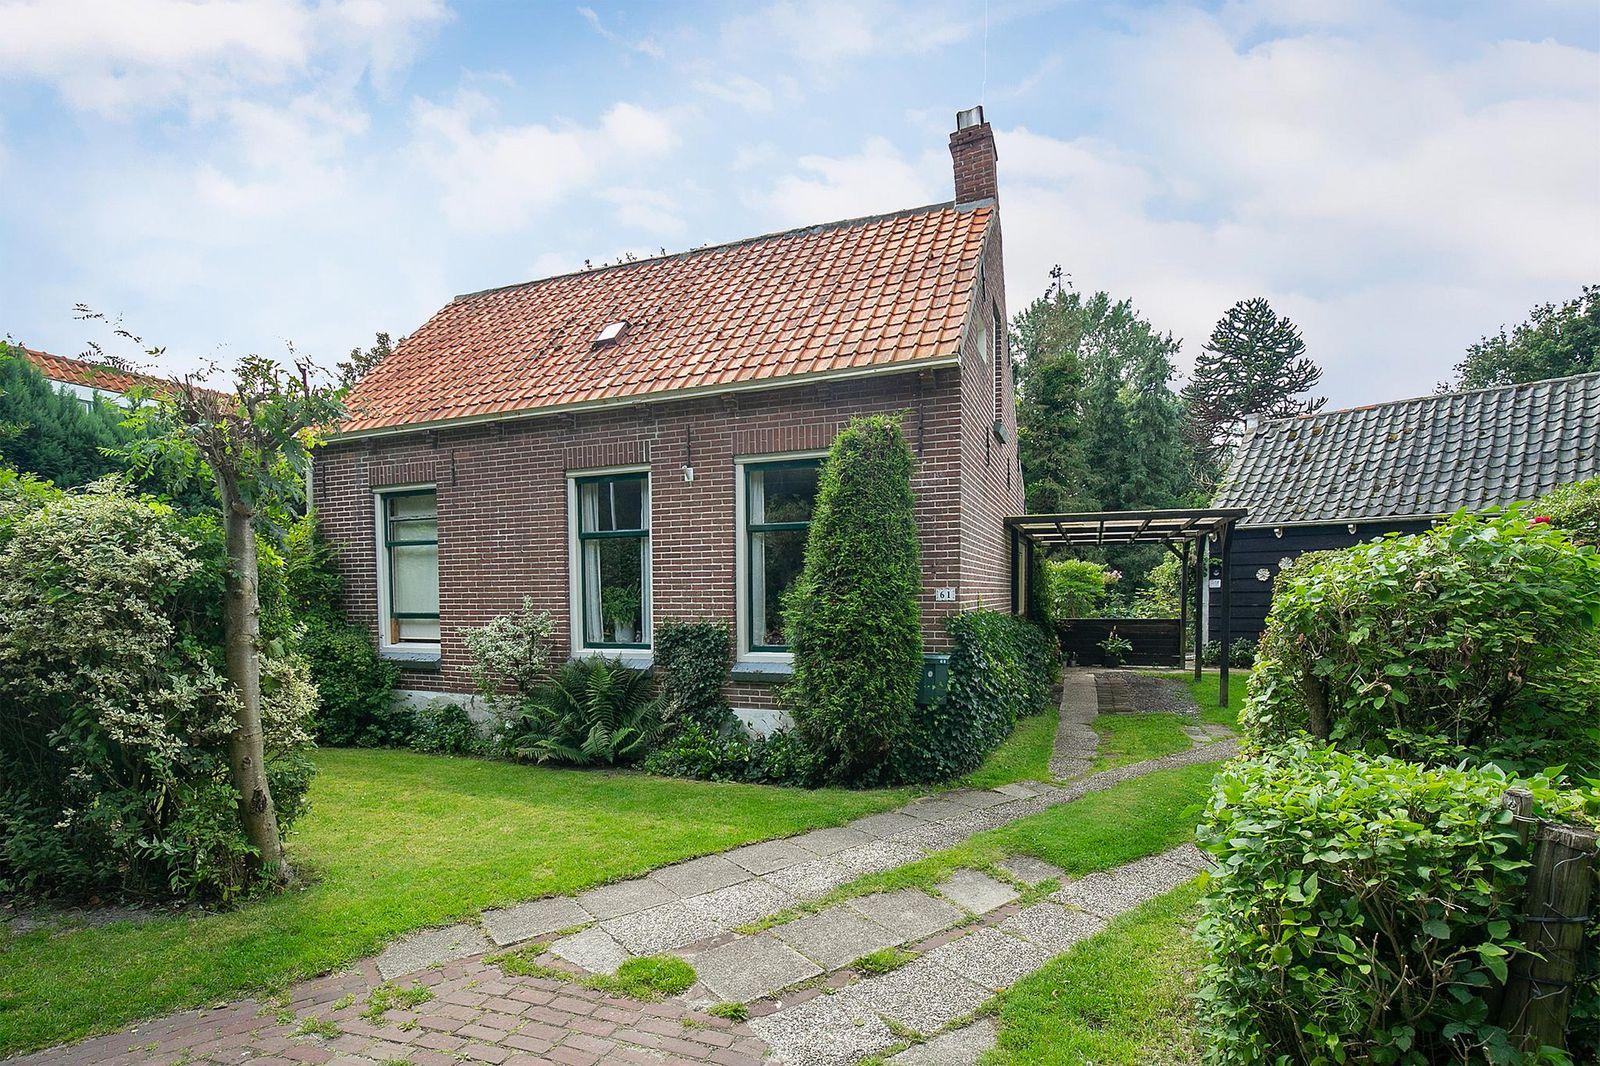 Kloosterweg 61, Burgh-haamstede